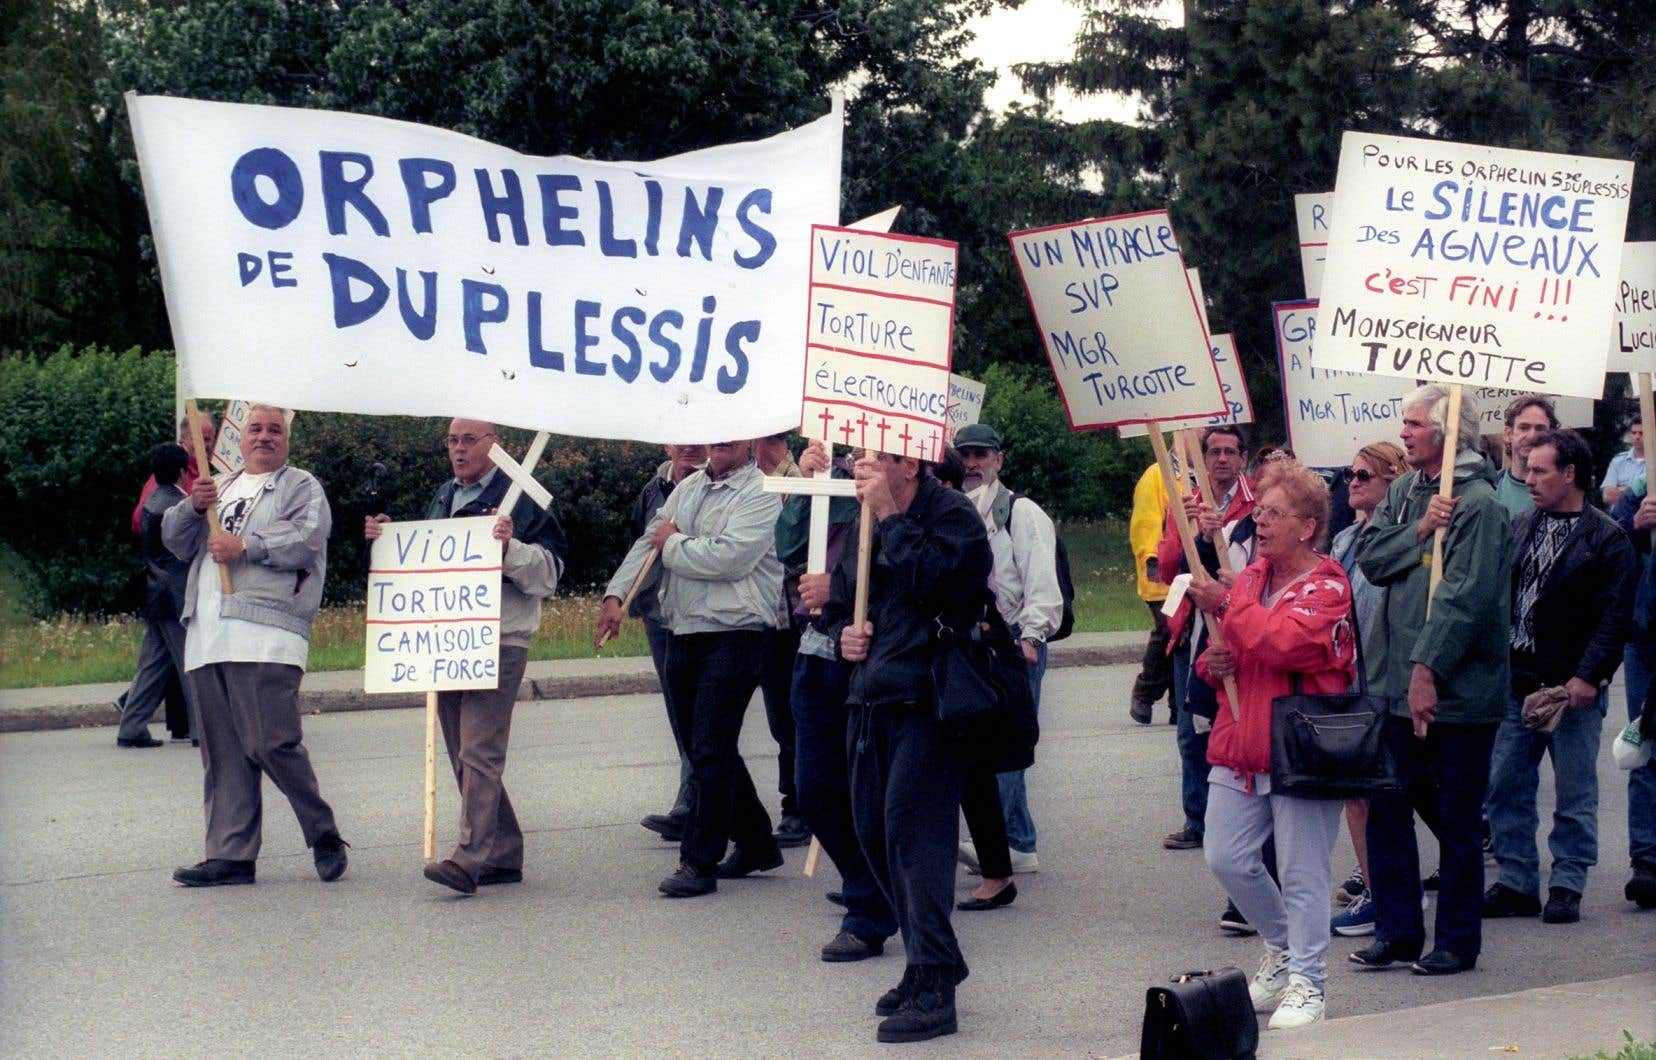 Une manifestation des Orphelins de Duplessis, en 2009, pour dénoncer les sévices dont ils ont été victimes. Une somme de 15 000$ leur a été allouée en 2001.